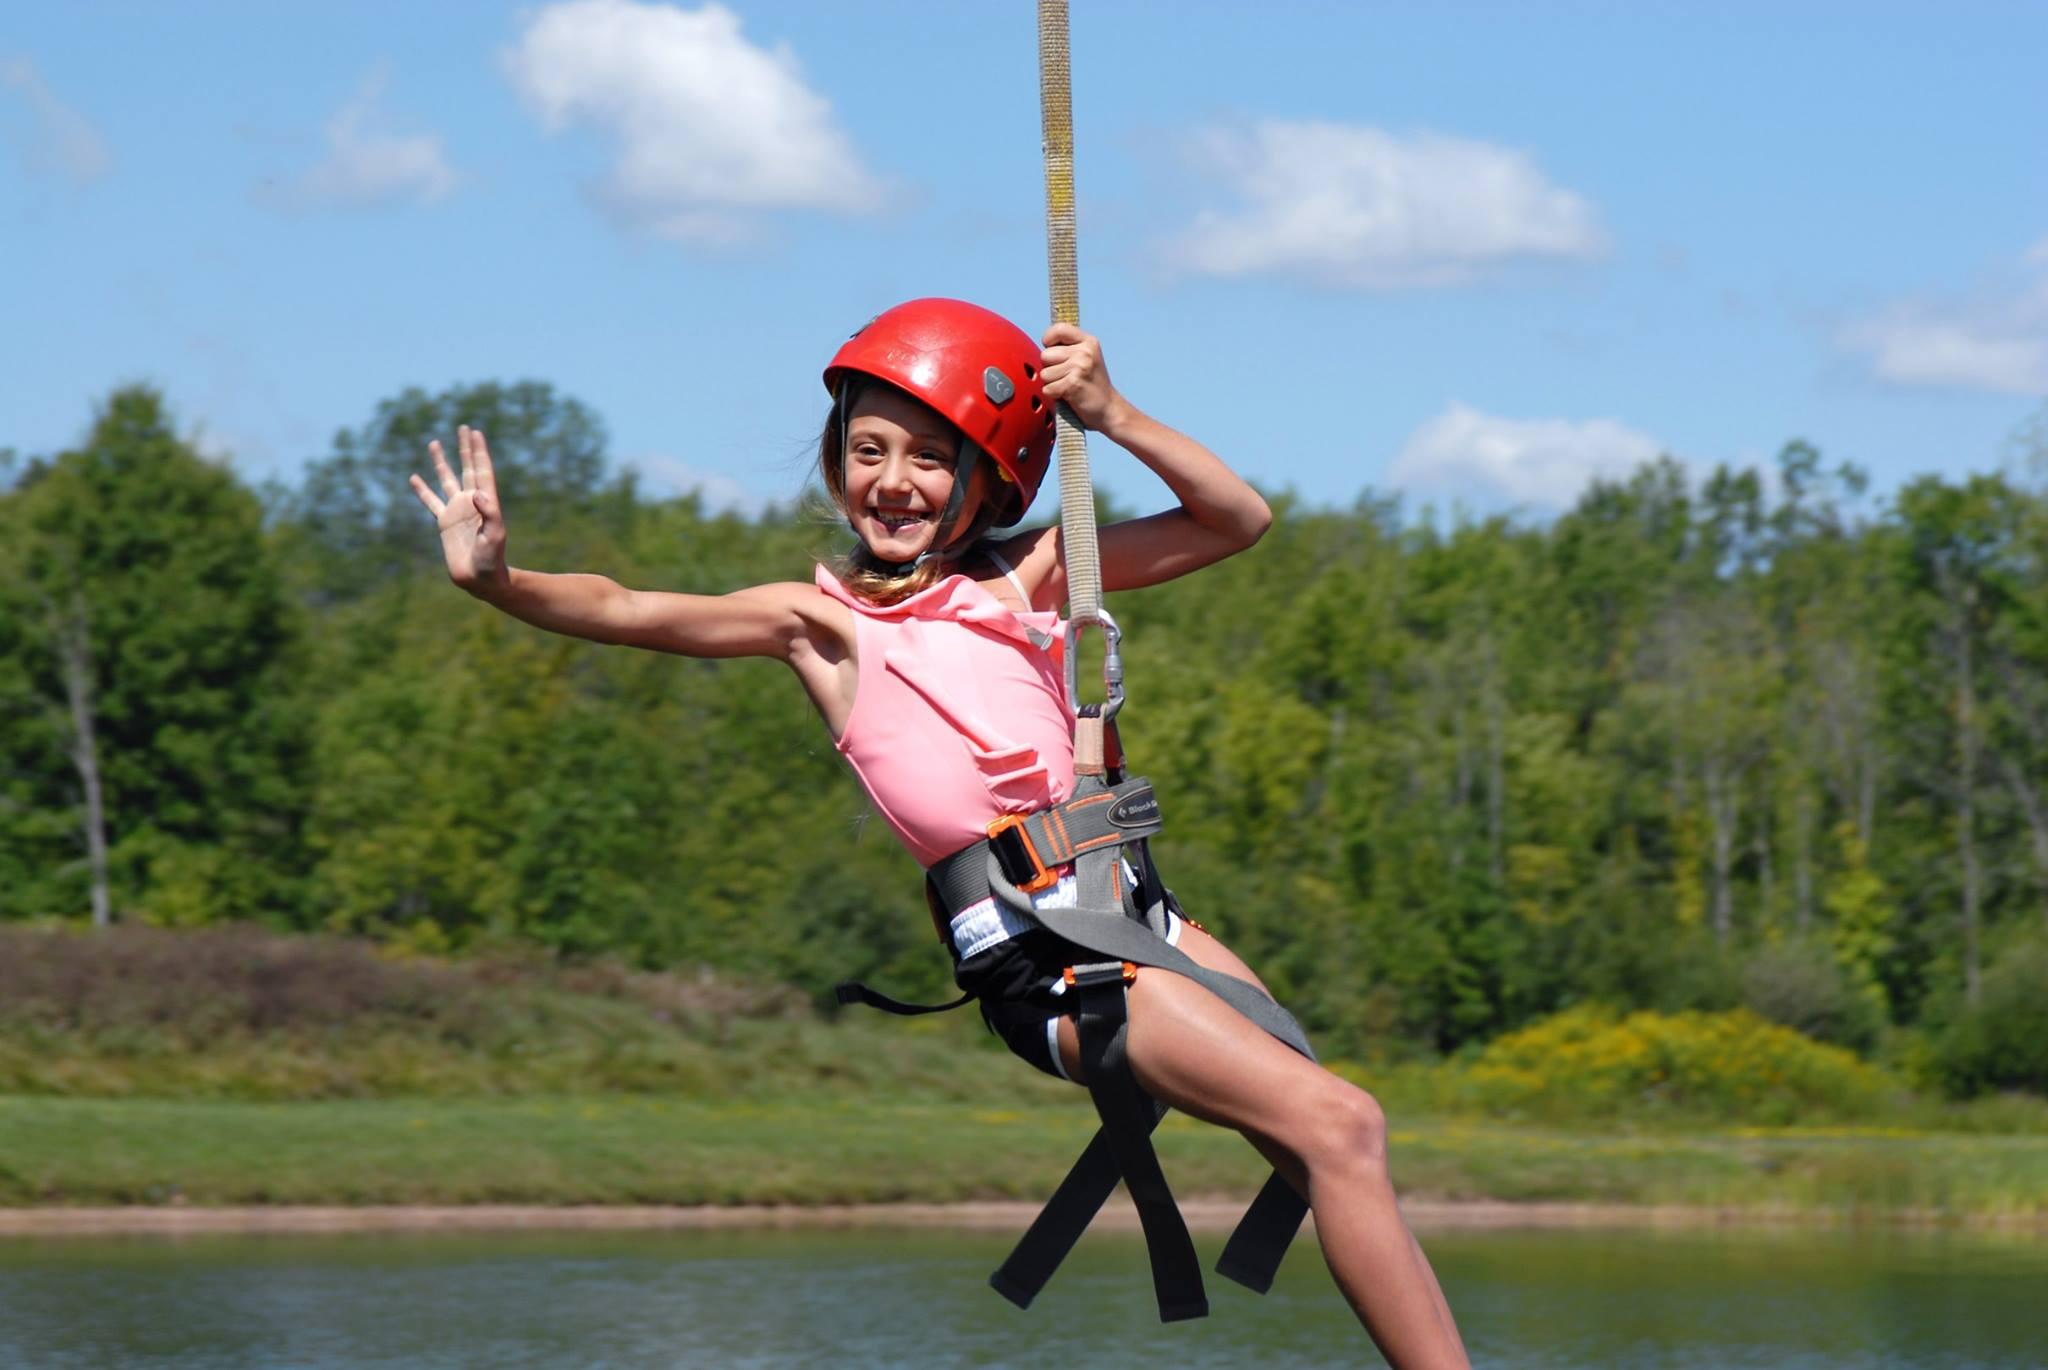 little girl on a zipline